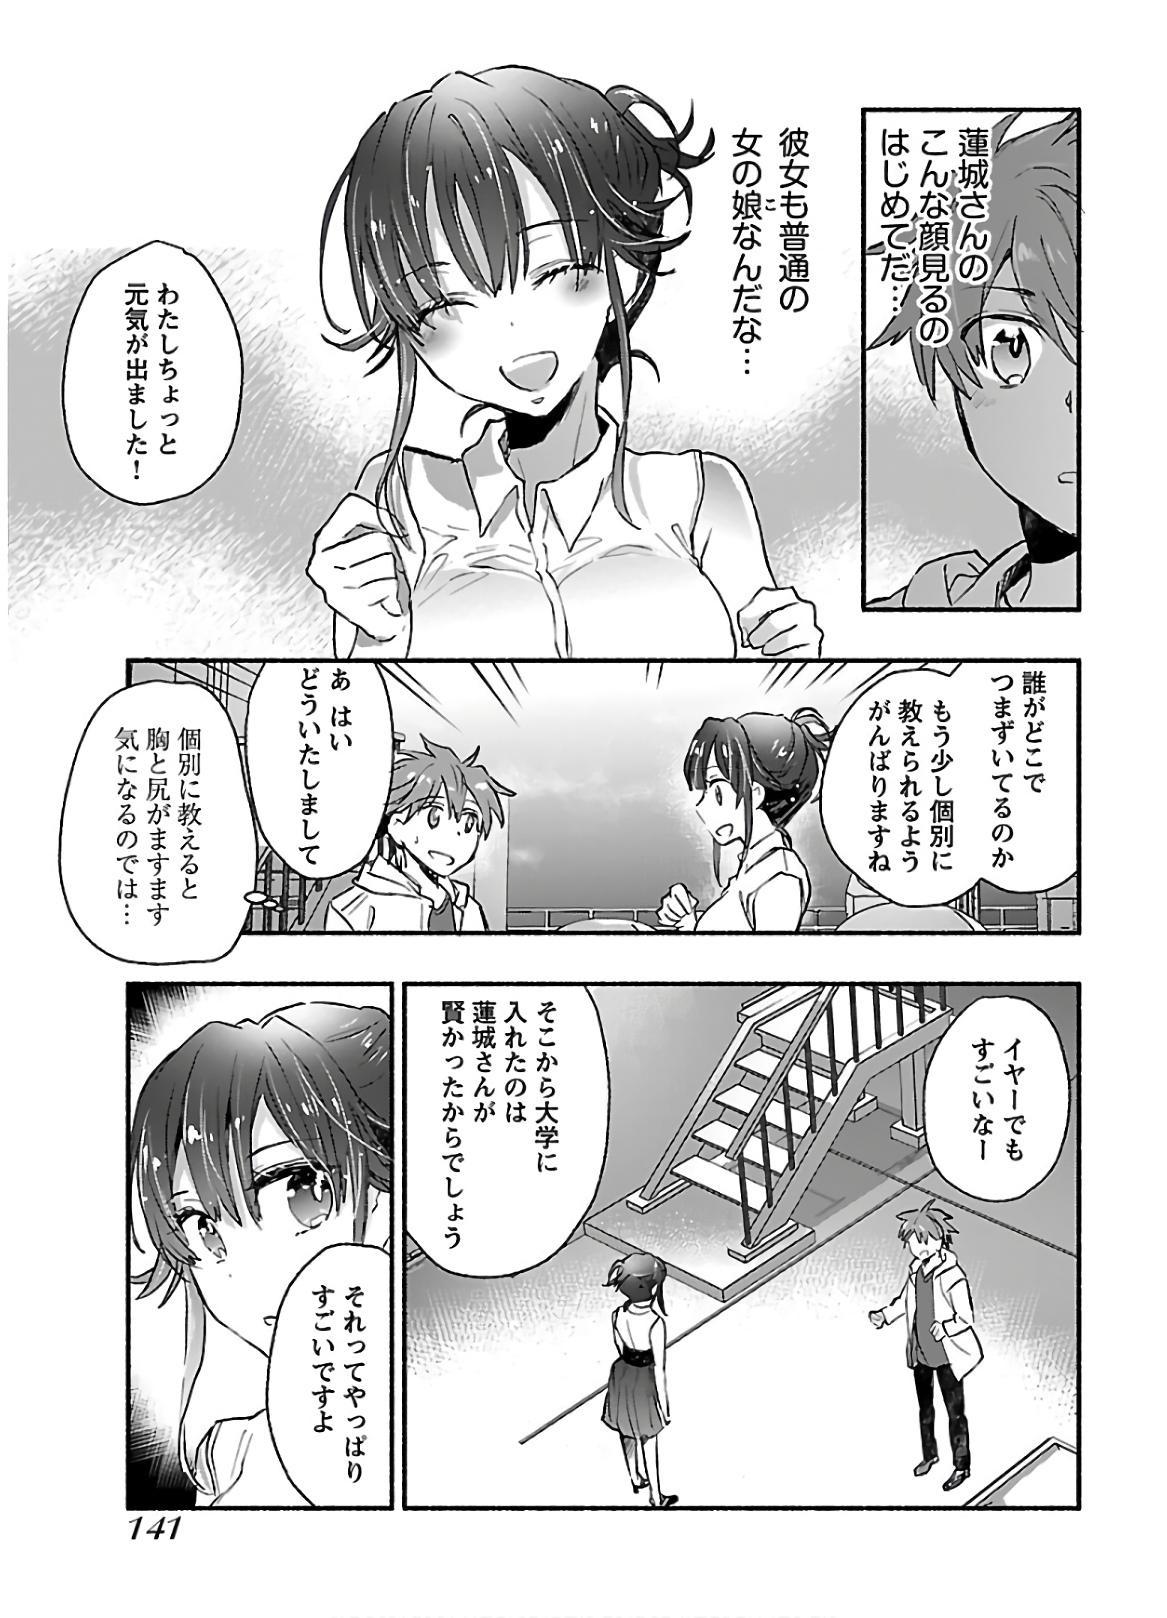 Yankii musume ni natsukarete kotoshi mo juken ni shippai shisou desu  vol.1 142